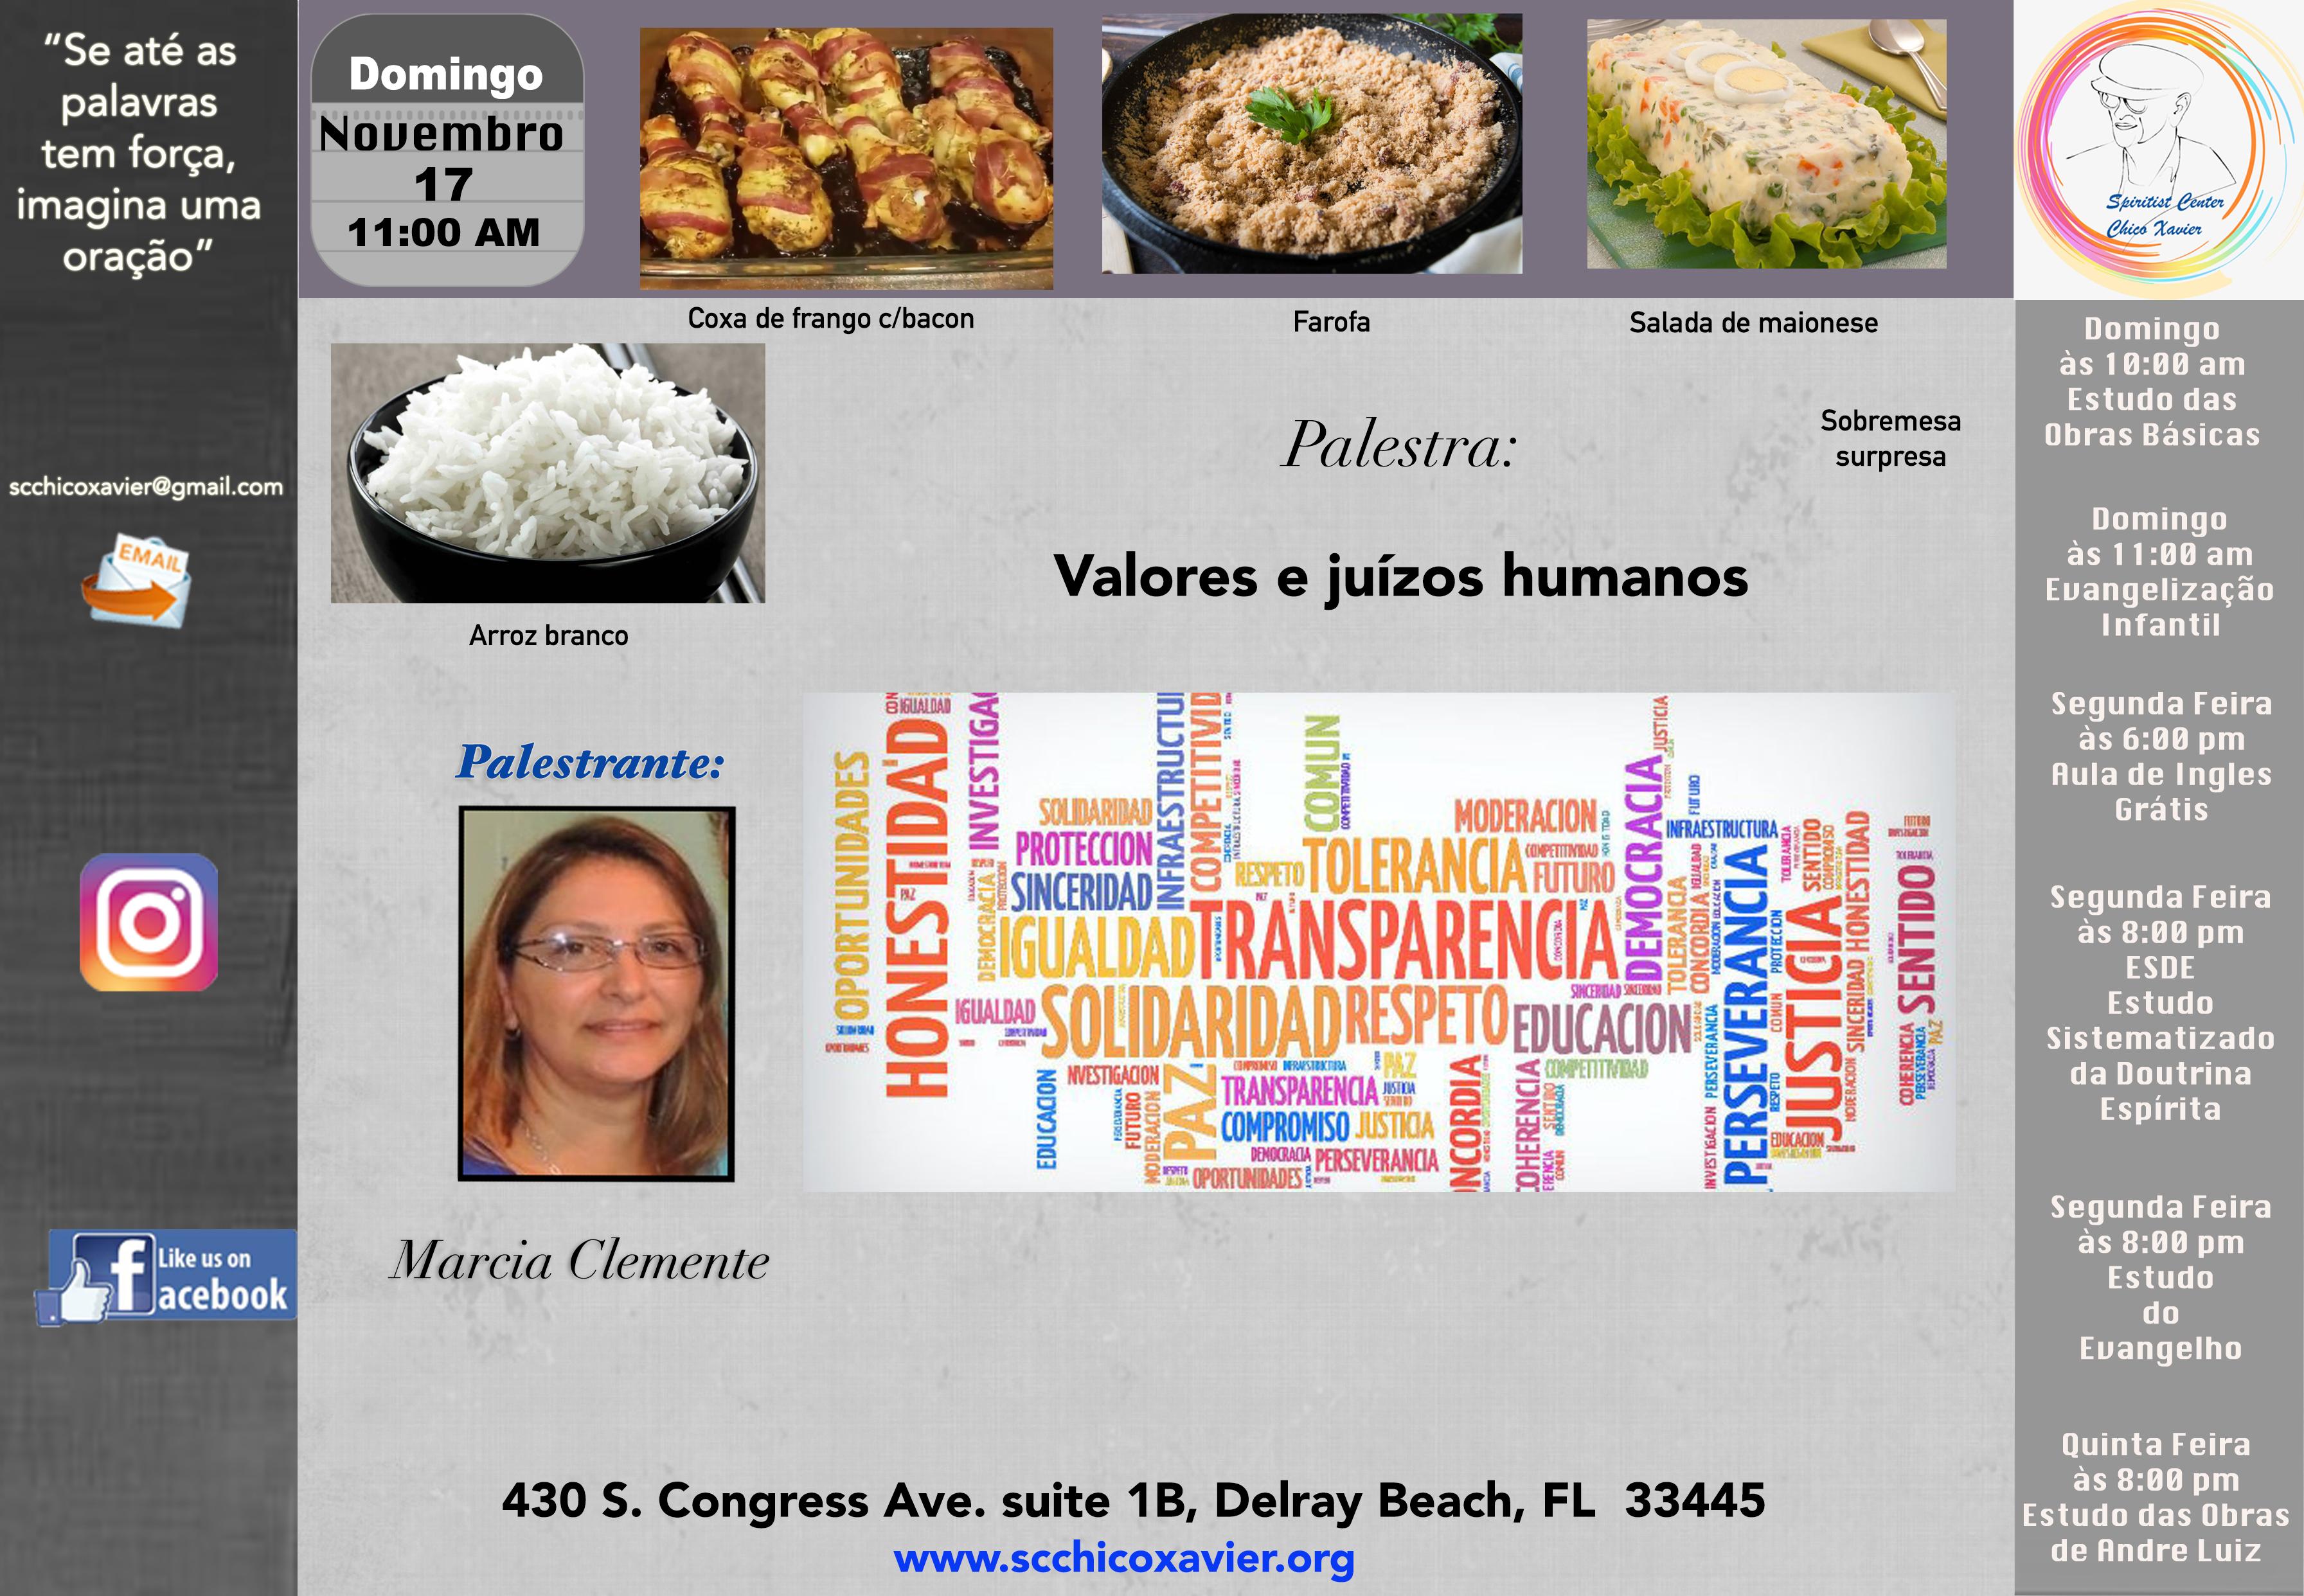 Marcia Clemente - Valores e juízos humanos